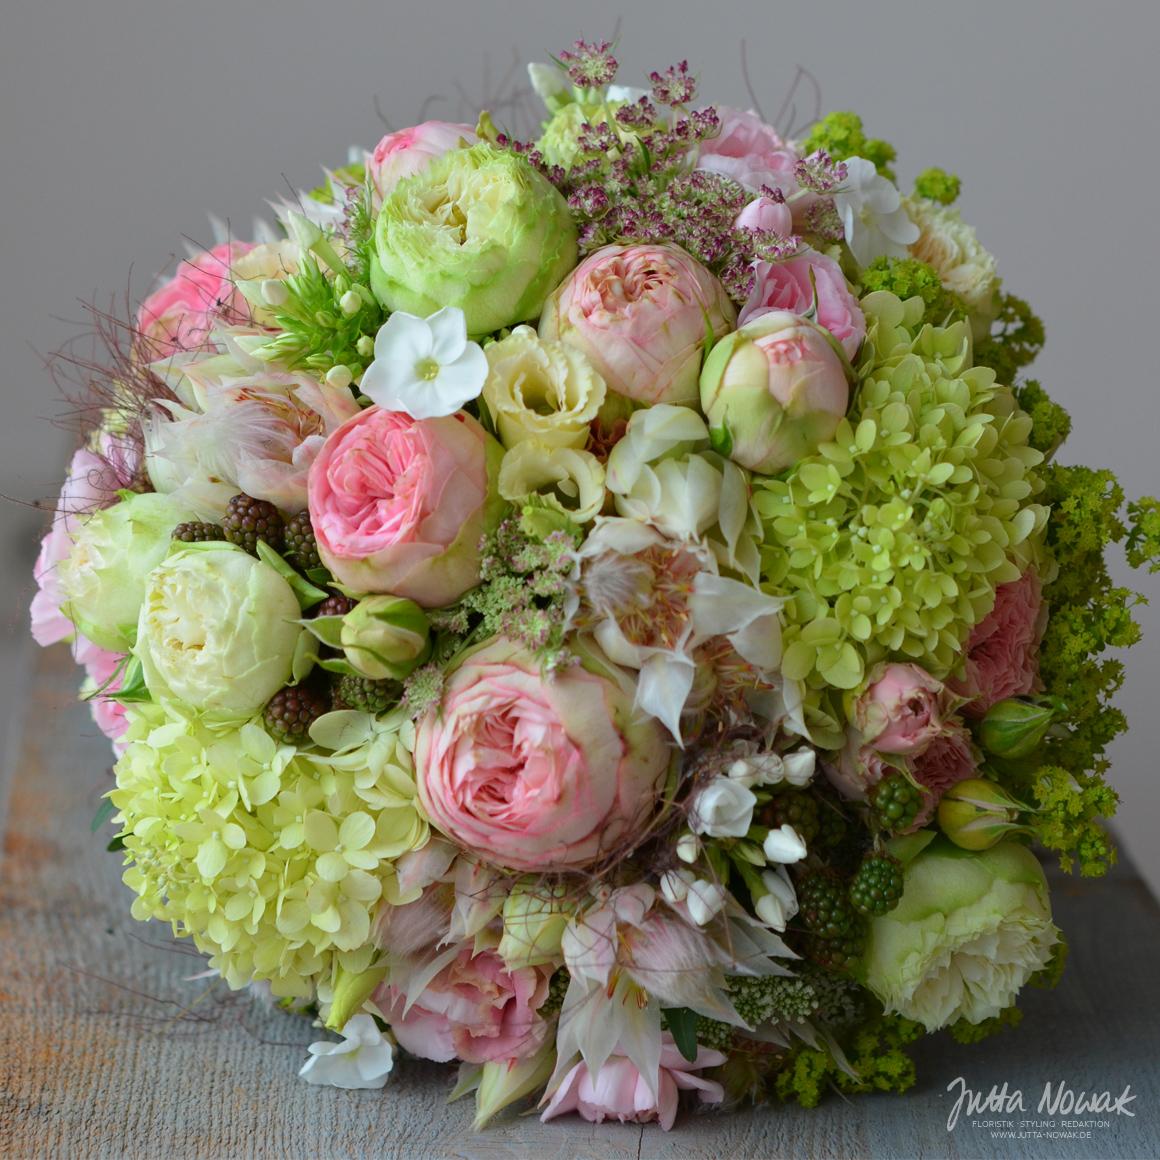 jutta-nowak-floristik-hochzeit-brautstrauss-weiss-rosa-gruen